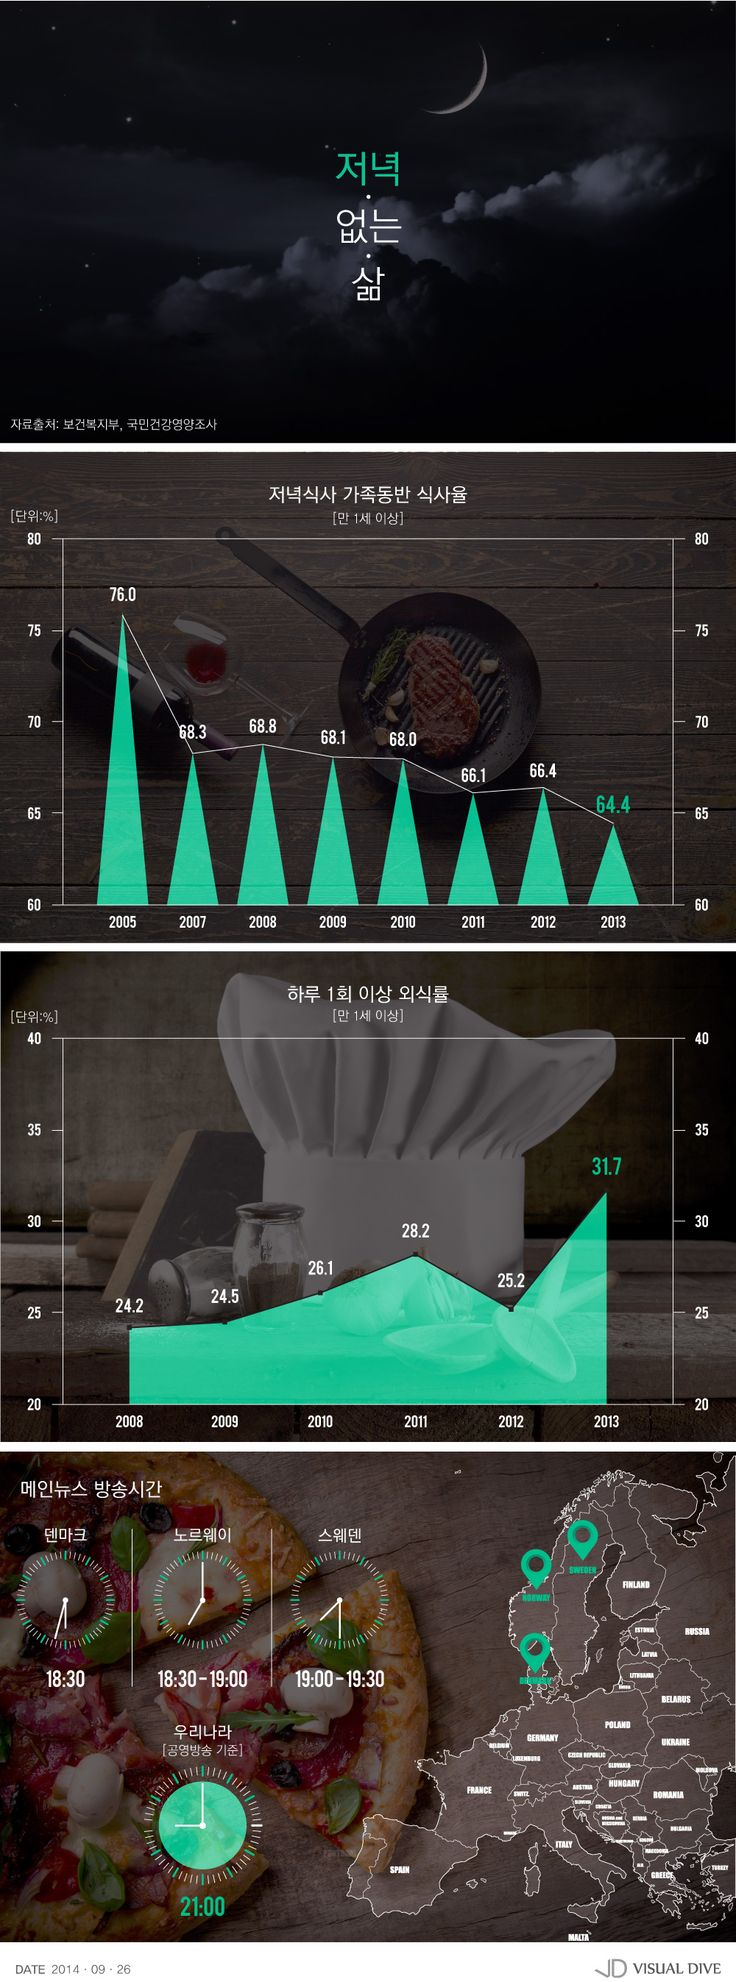 가족과의 저녁식사, 언제하셨어요? [인포그래픽] #Dinner / #Infographic ⓒ 비주얼다이브 무단 복사·전재·재배포 금지